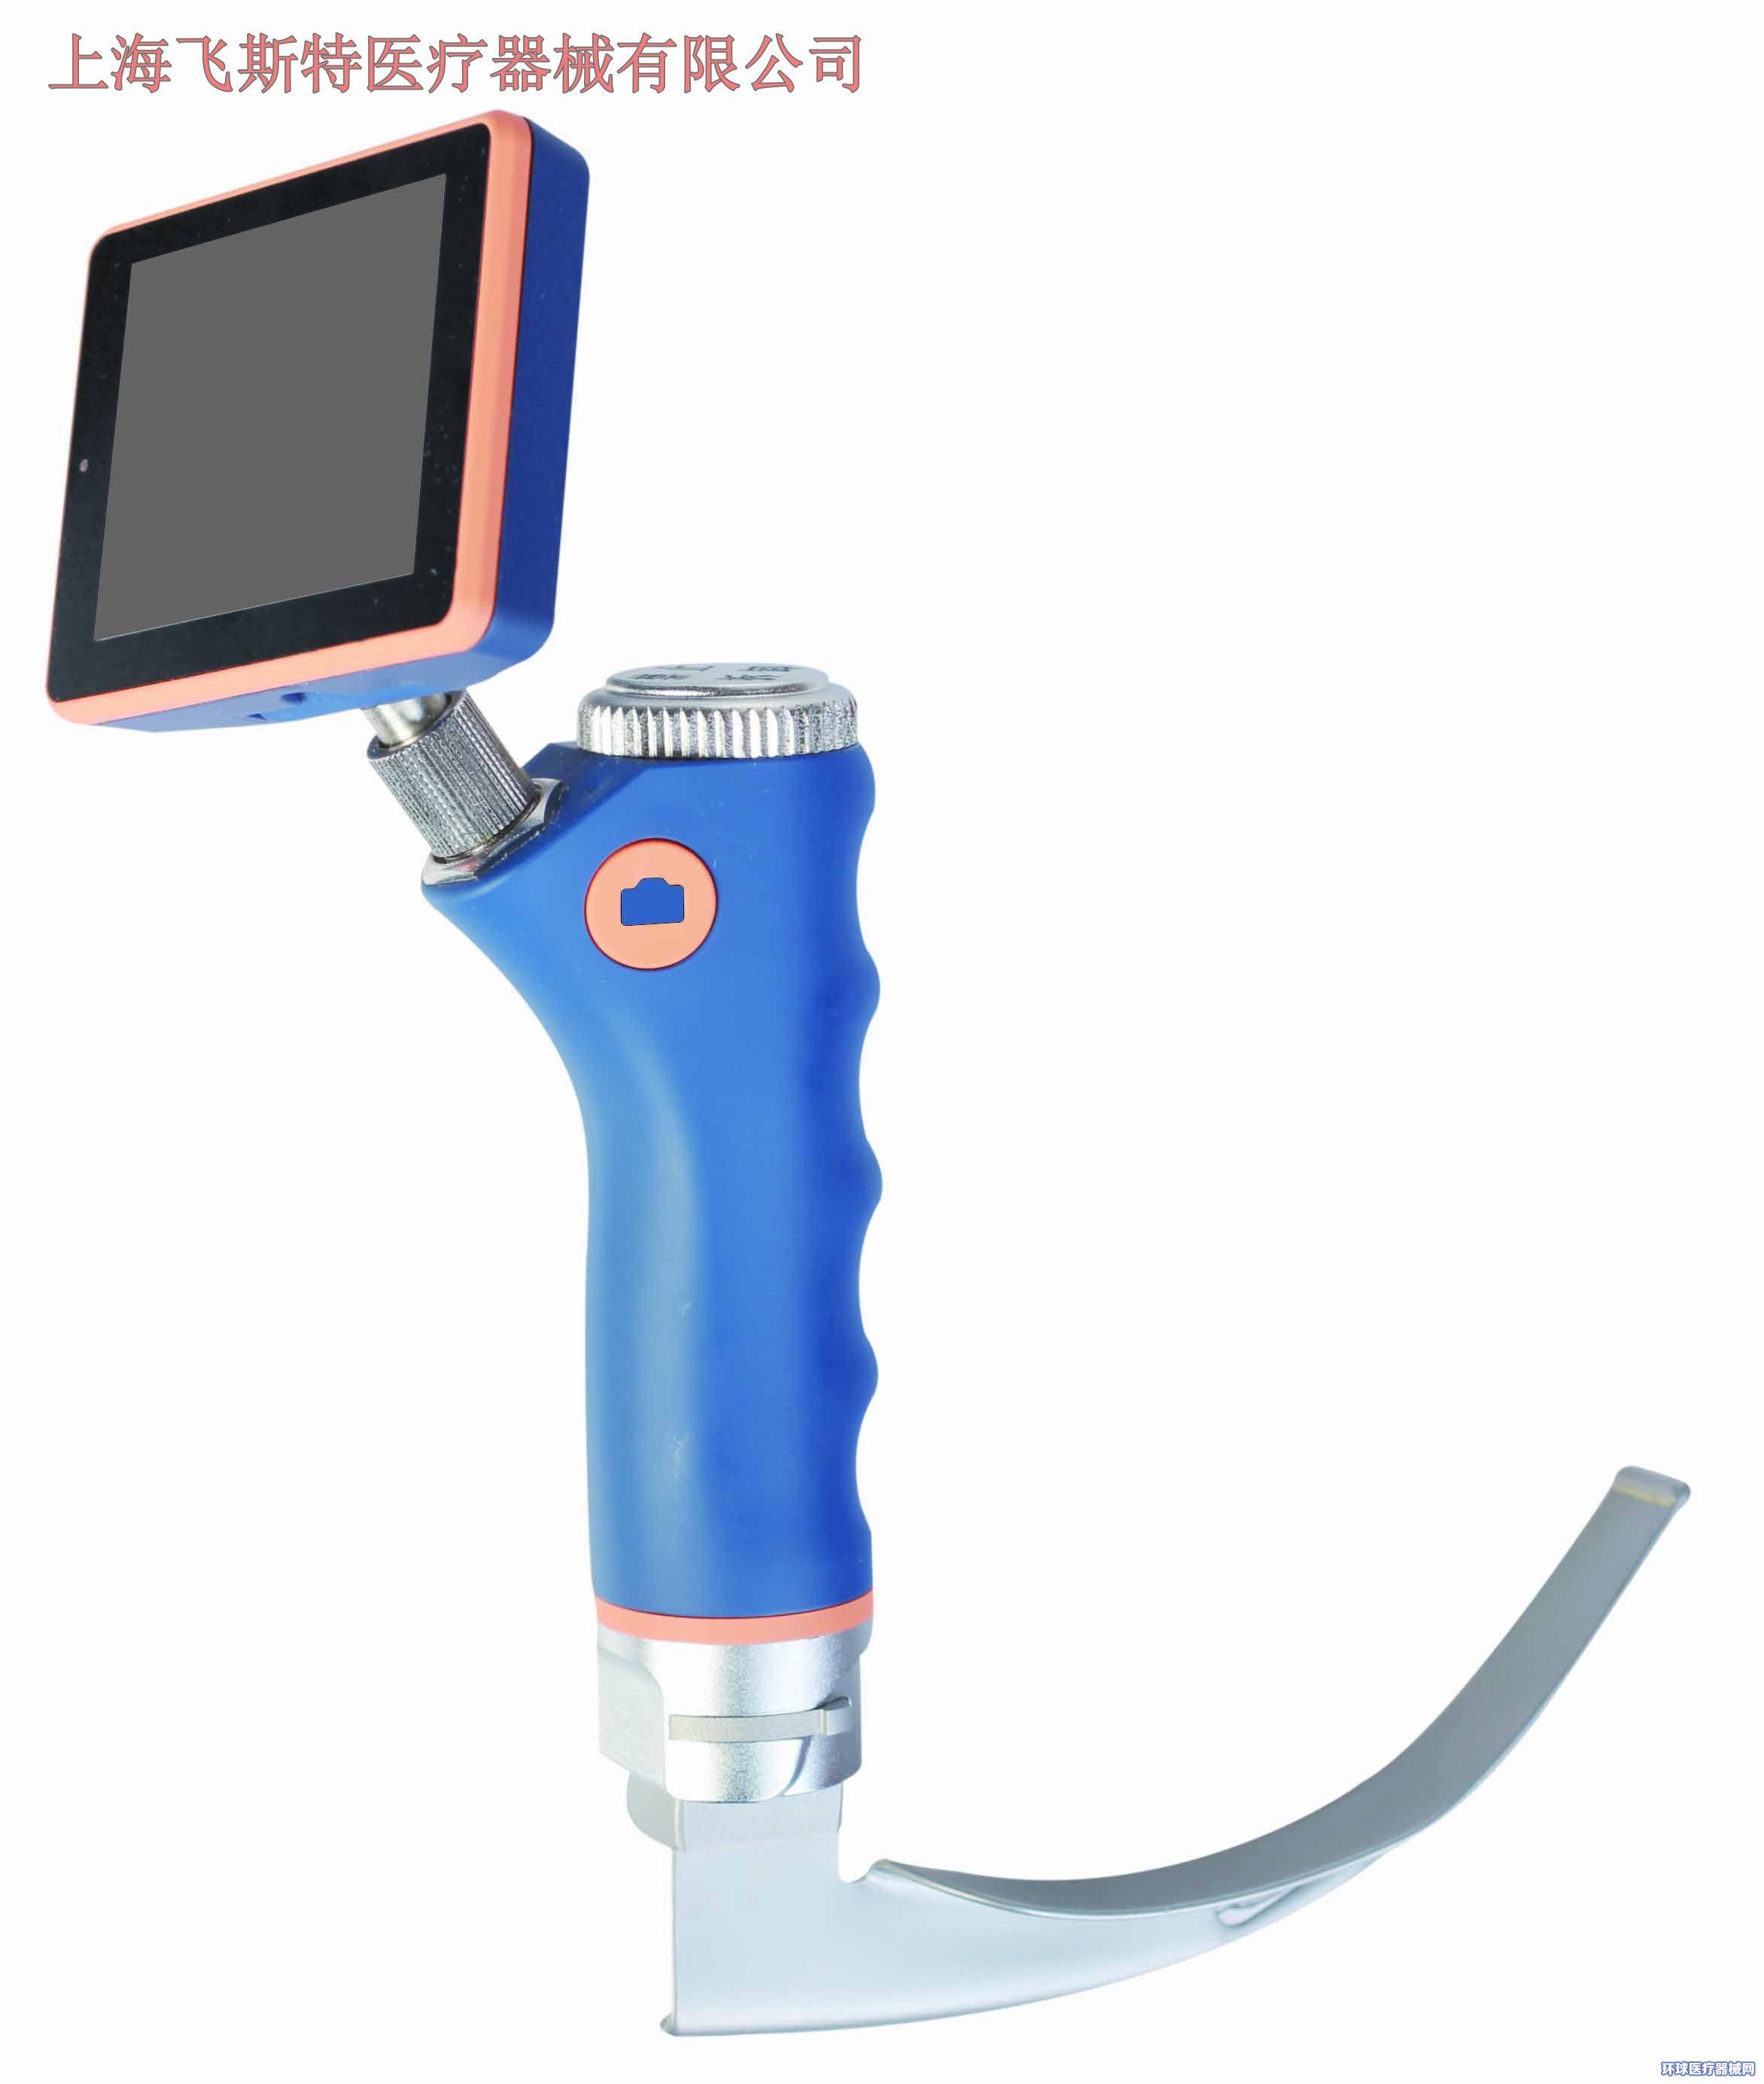 上海飞斯特麻醉视频喉镜SMT-II医用喉镜